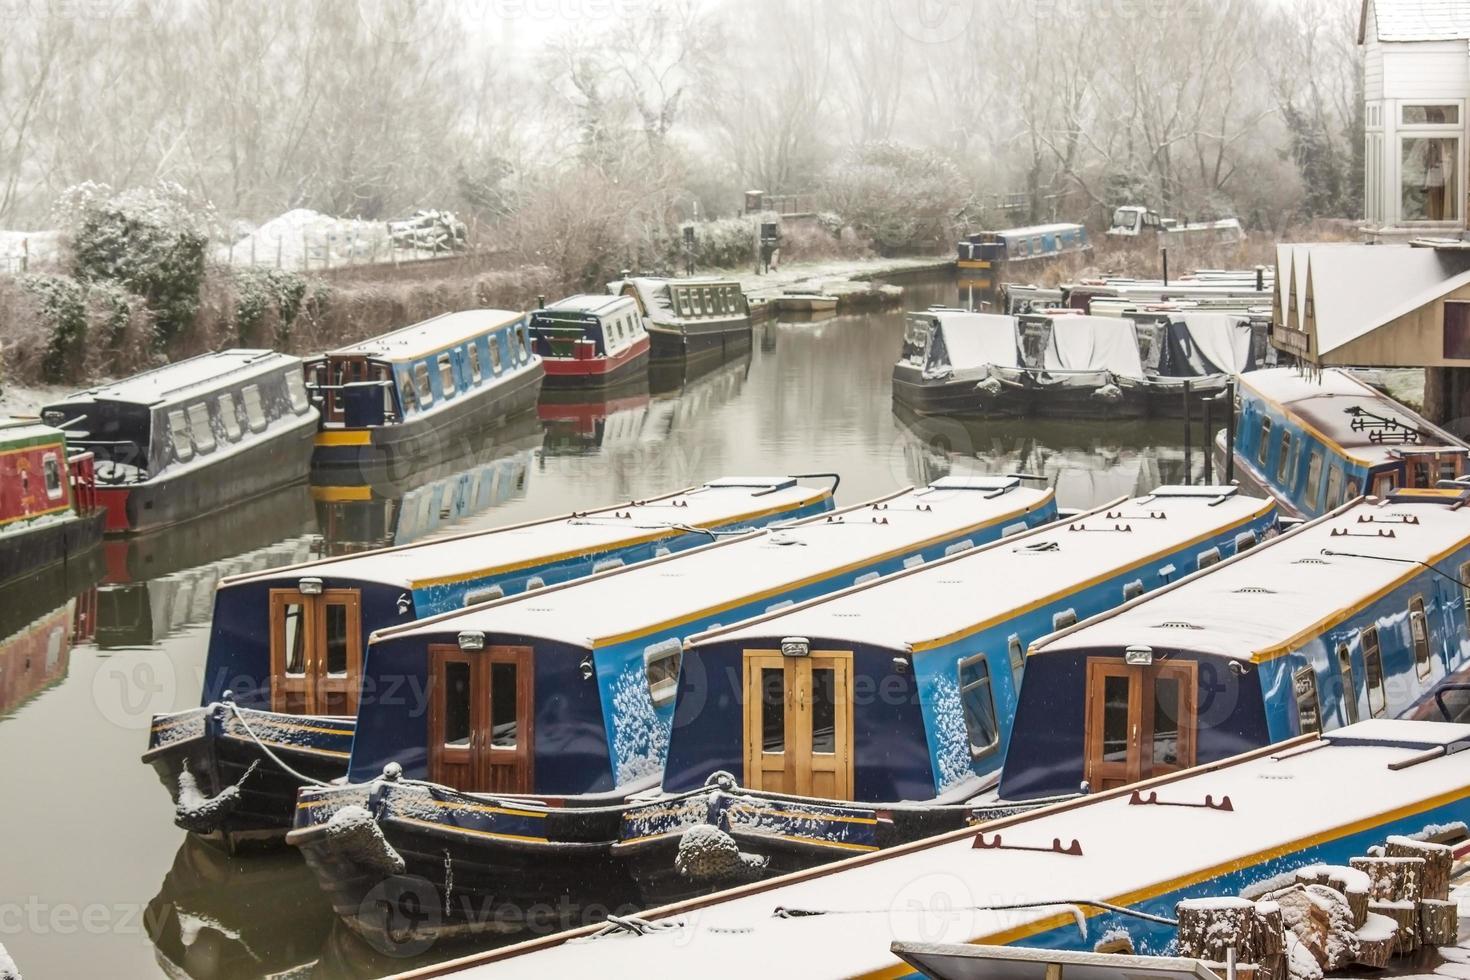 kanaalboten lijken in de sneeuw te kruipen foto